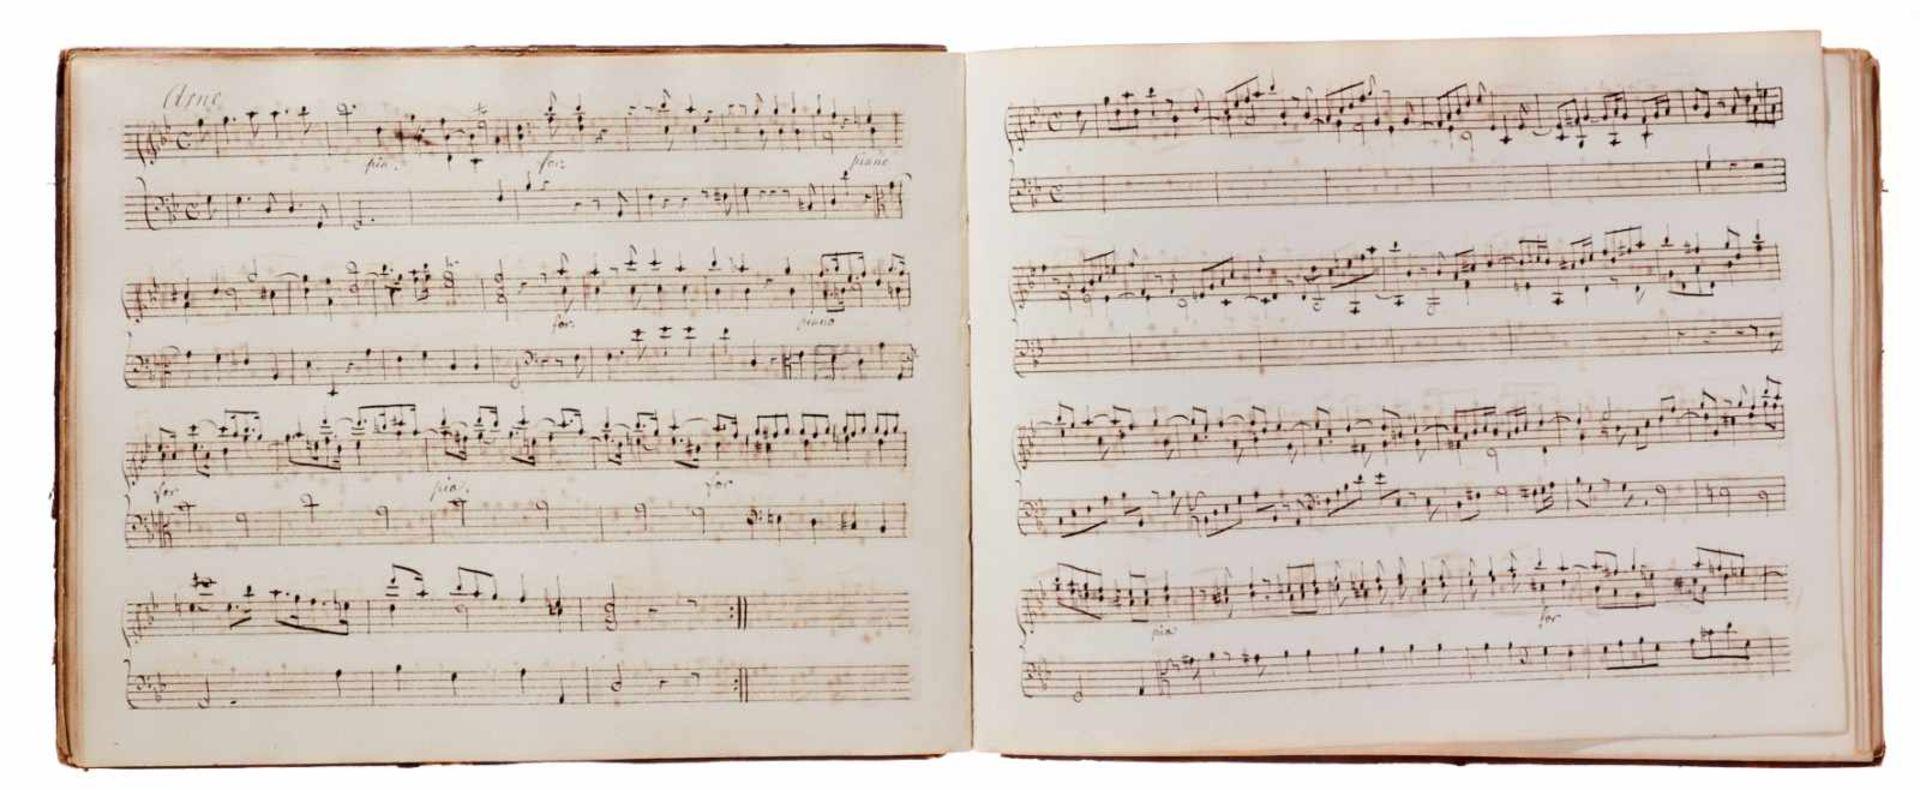 Notiz- und Skizzenbuch eines in Großbritannien tätigen Komponisten.Musikhandschrift auf Papier. Wohl - Bild 25 aus 30